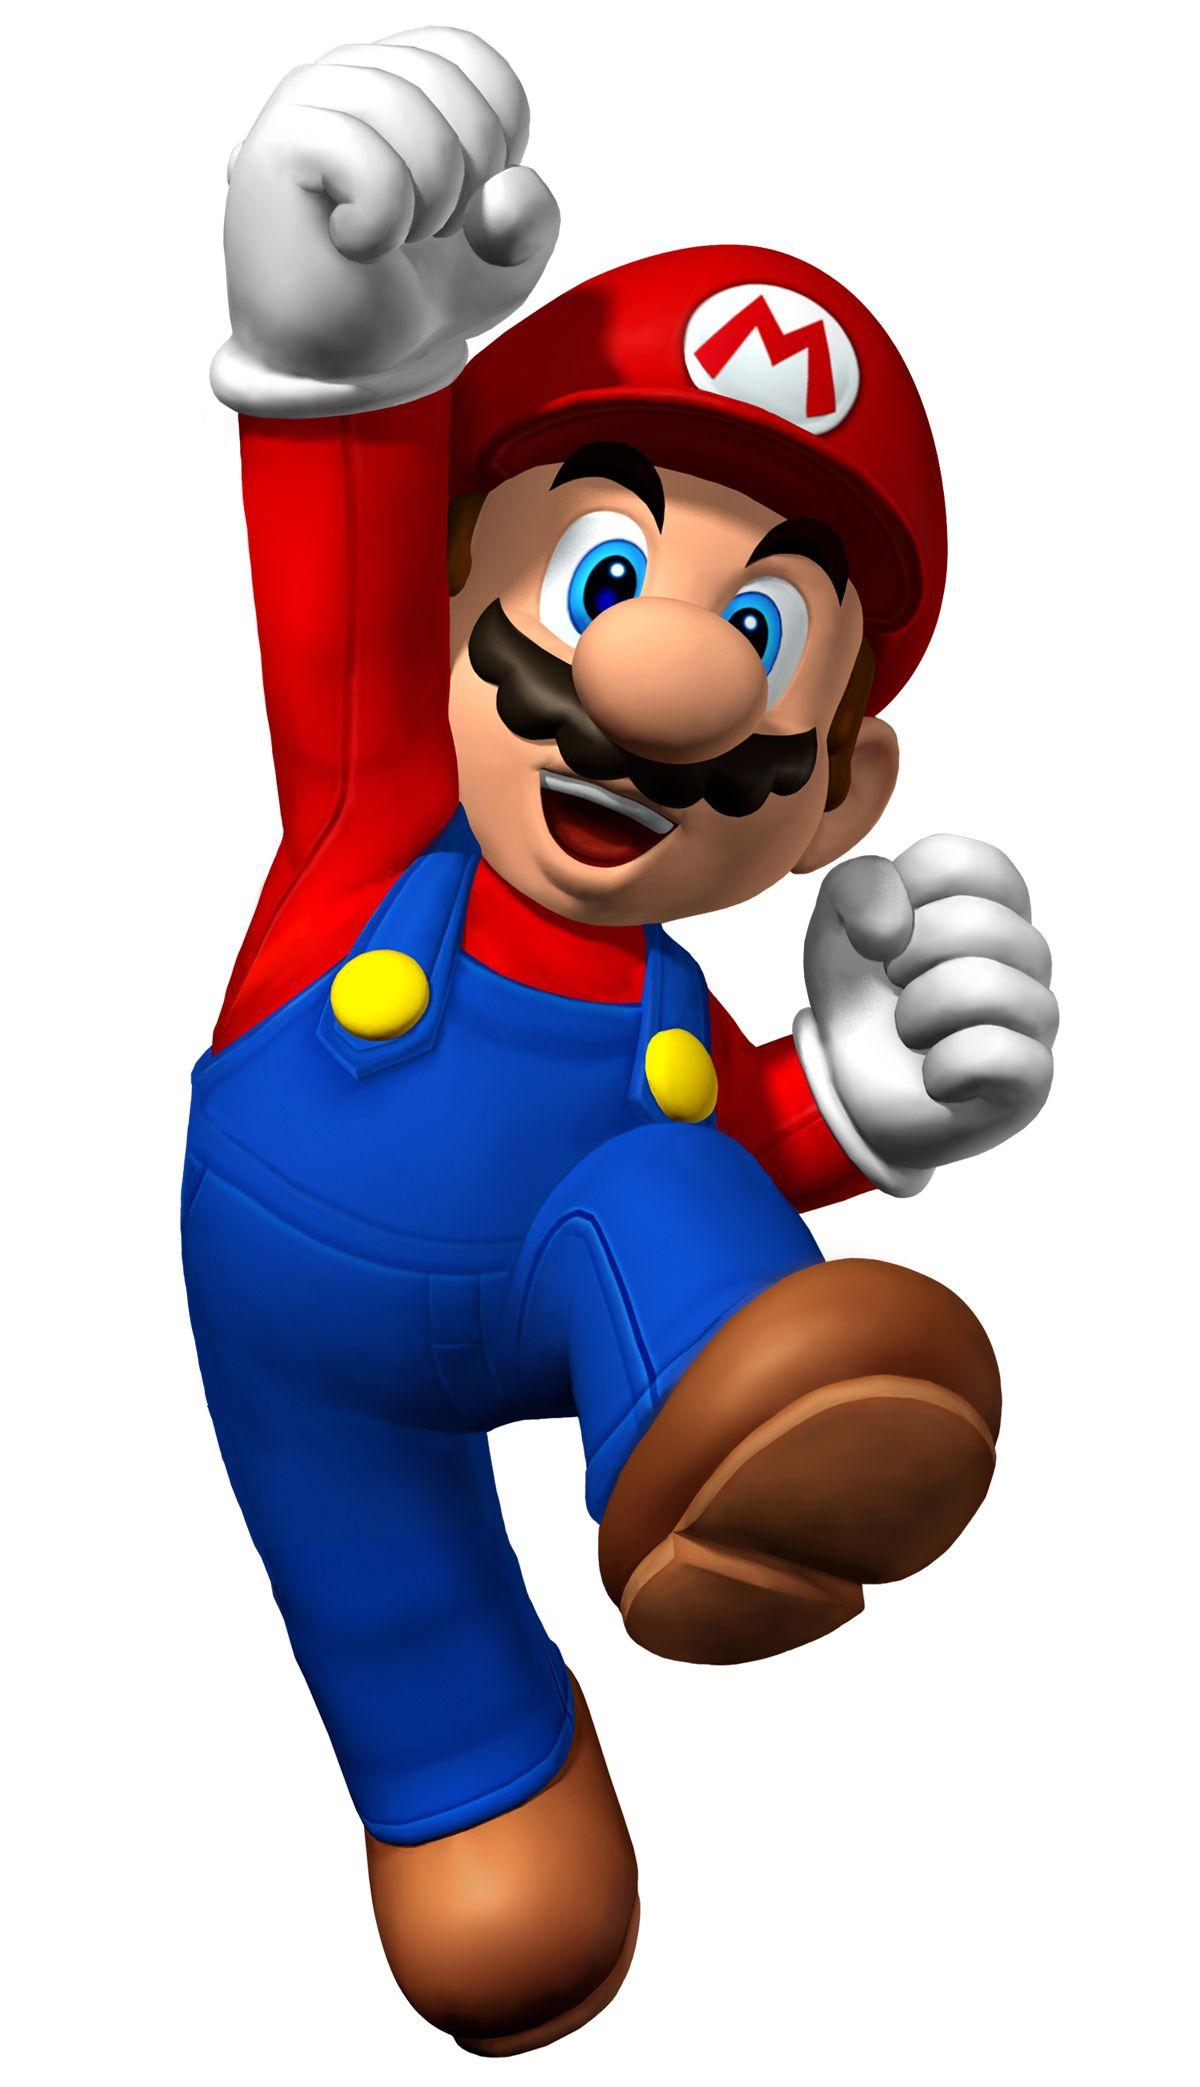 Personajes De Mario Amigos Y Enemigos Mario Bros Png Cumpleanos De Mario Bros Decoracion De Mario Bros